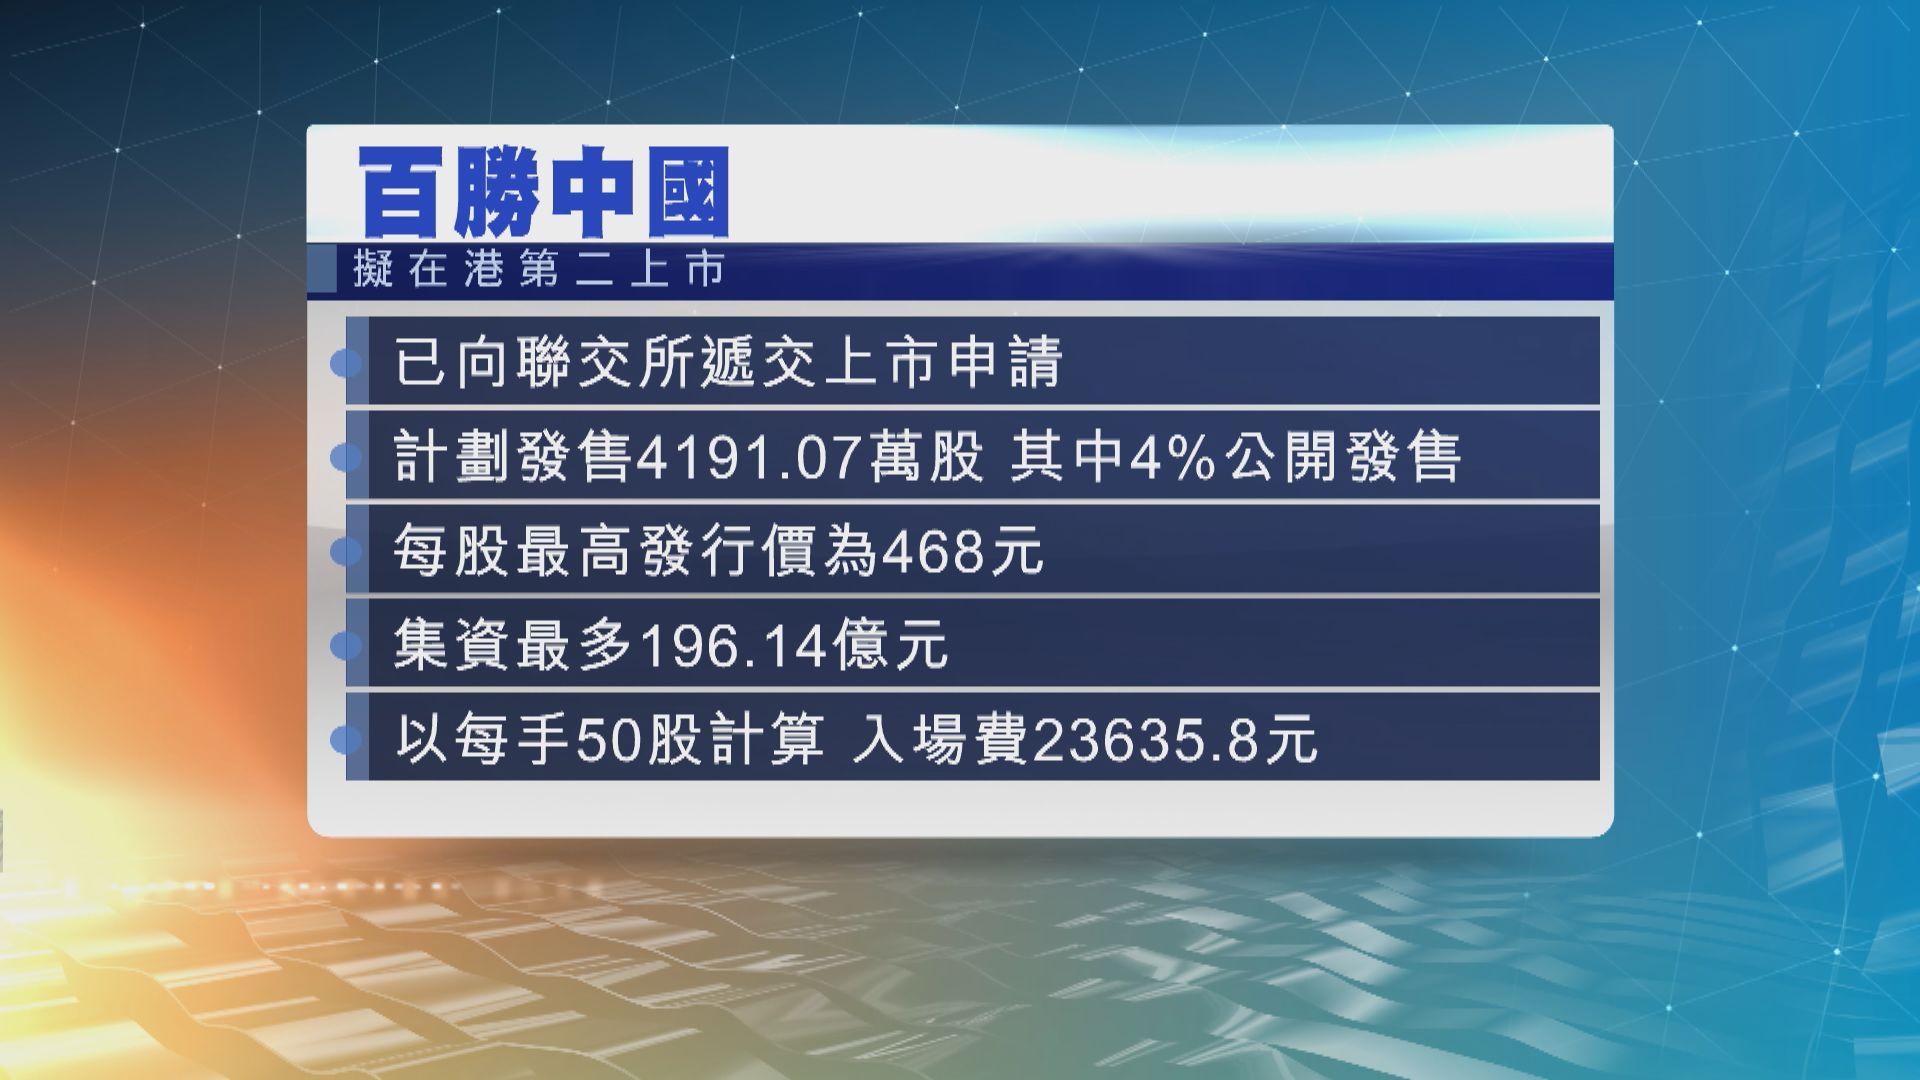 內地連鎖餐飲集團百勝中國計劃來香港第二上市